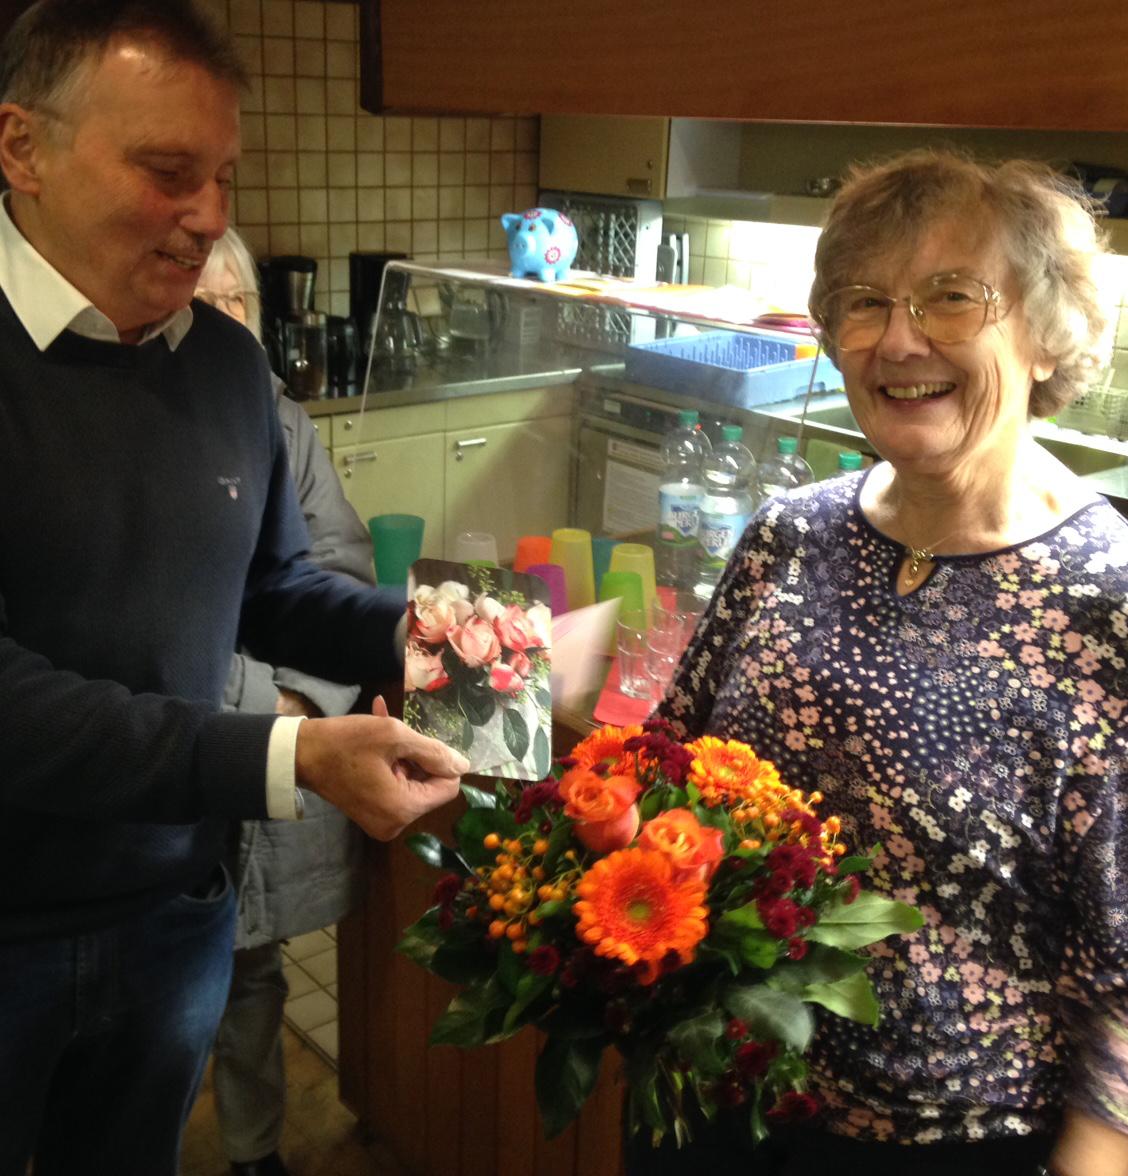 Wir gratulieren Getrud Dorn zum 80. Geburtstag und wünschen alles Gute!